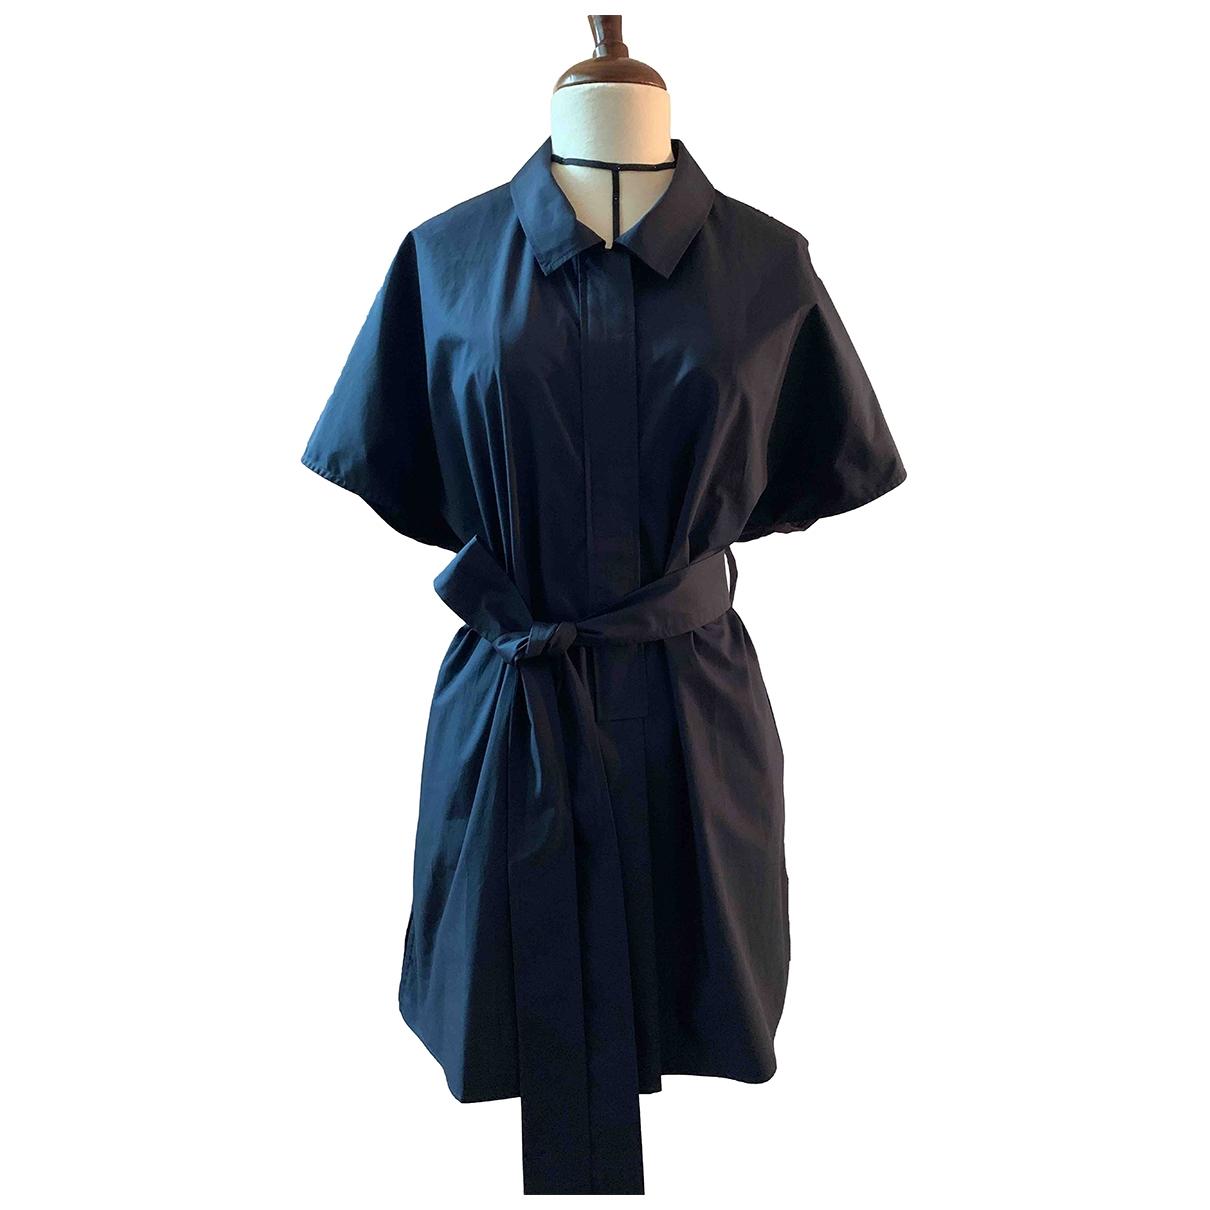 Cos - Robe   pour femme en coton - bleu